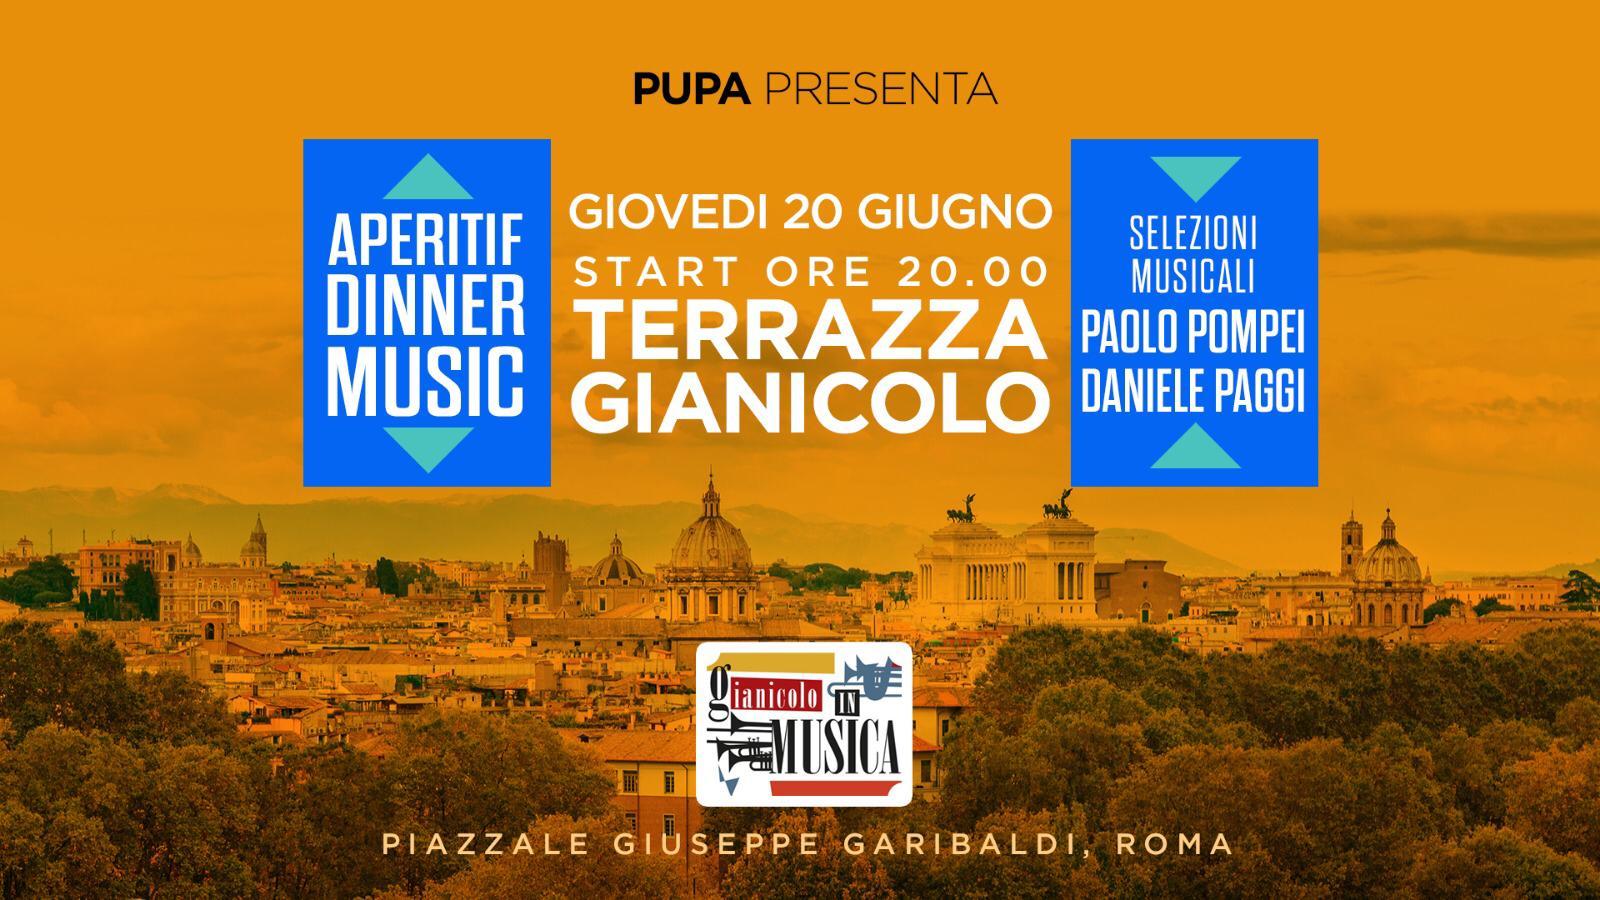 Terrazza Gianicolo giovedì 20 Giugno 2019 Pupa Aperitiv Djset al tramonto